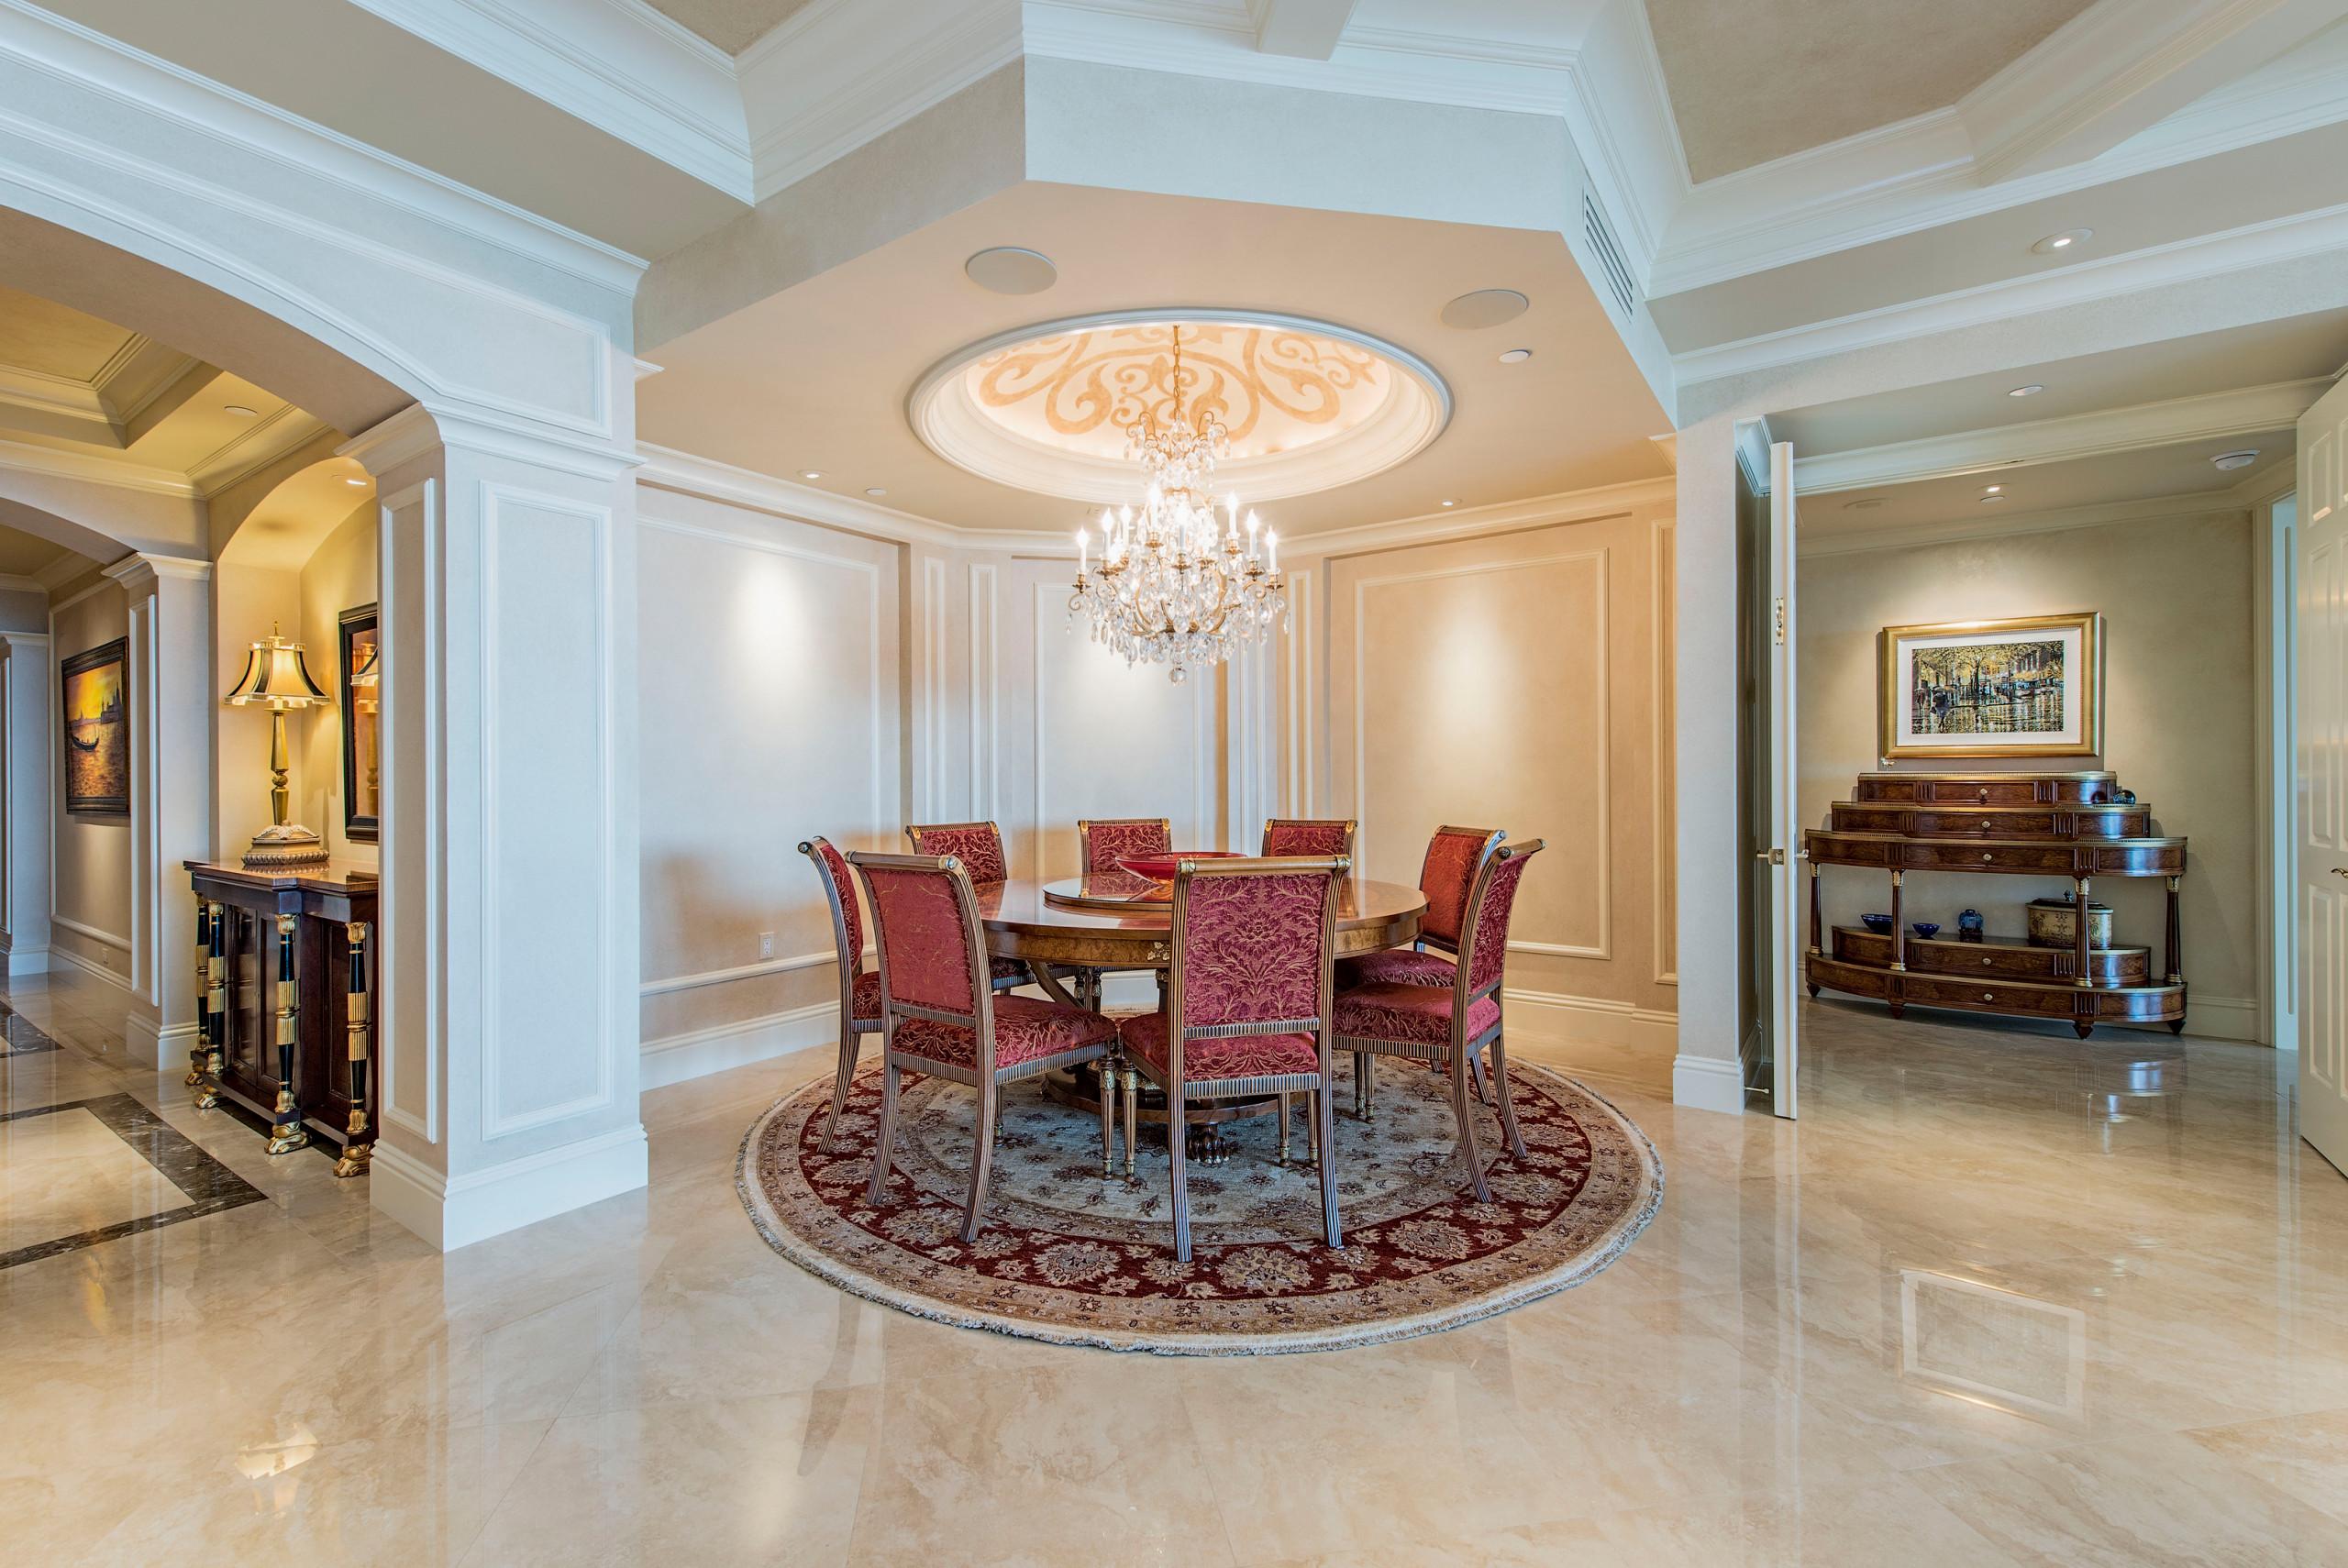 Certified Luxury Builders - 41 West - Veracruz 5 Condo Remodel